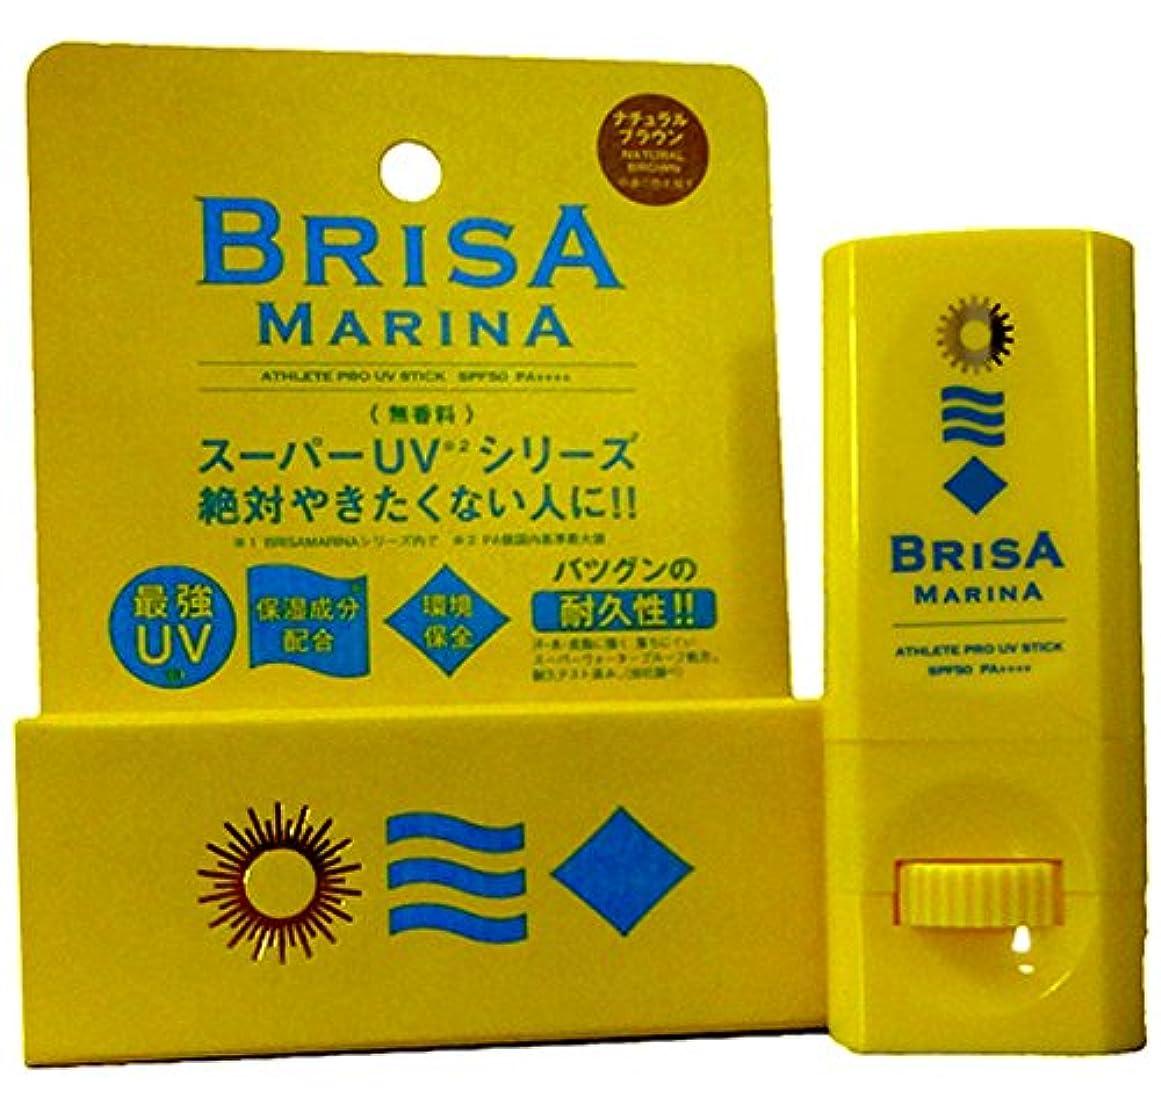 証明する用量インカ帝国BRISA MARINA(ブリサマリーナ) ATHLETE PRO UV STICK 10g 日焼け止め スティック (01-WHITE)